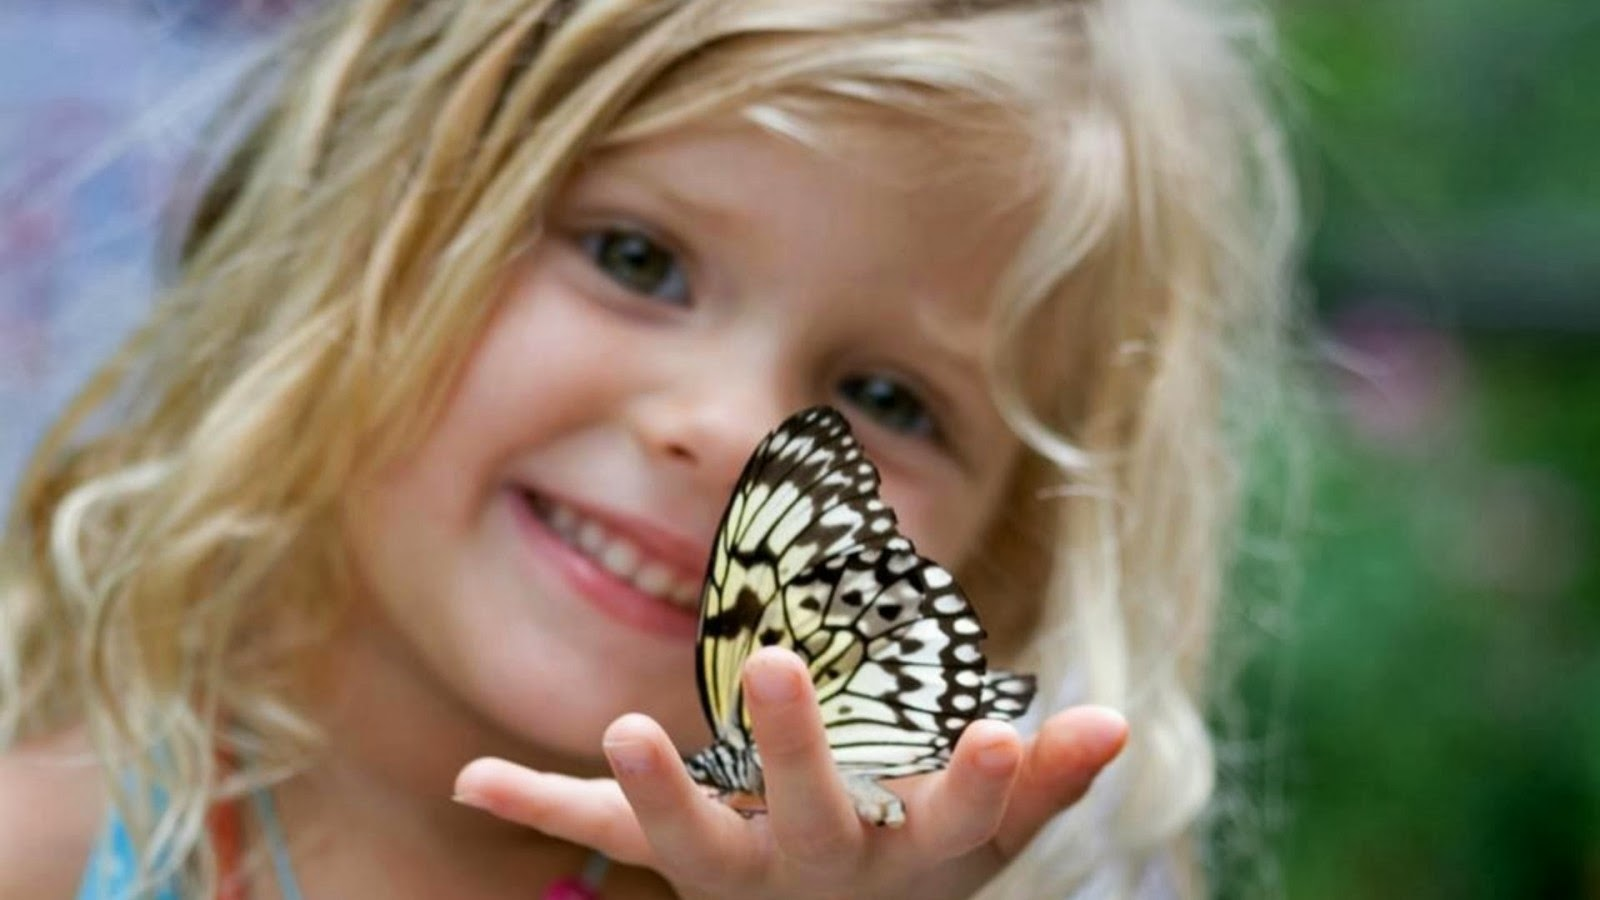 بالصور اجمل بنات صغار في العالم , صور بنات زى العسل 245 5